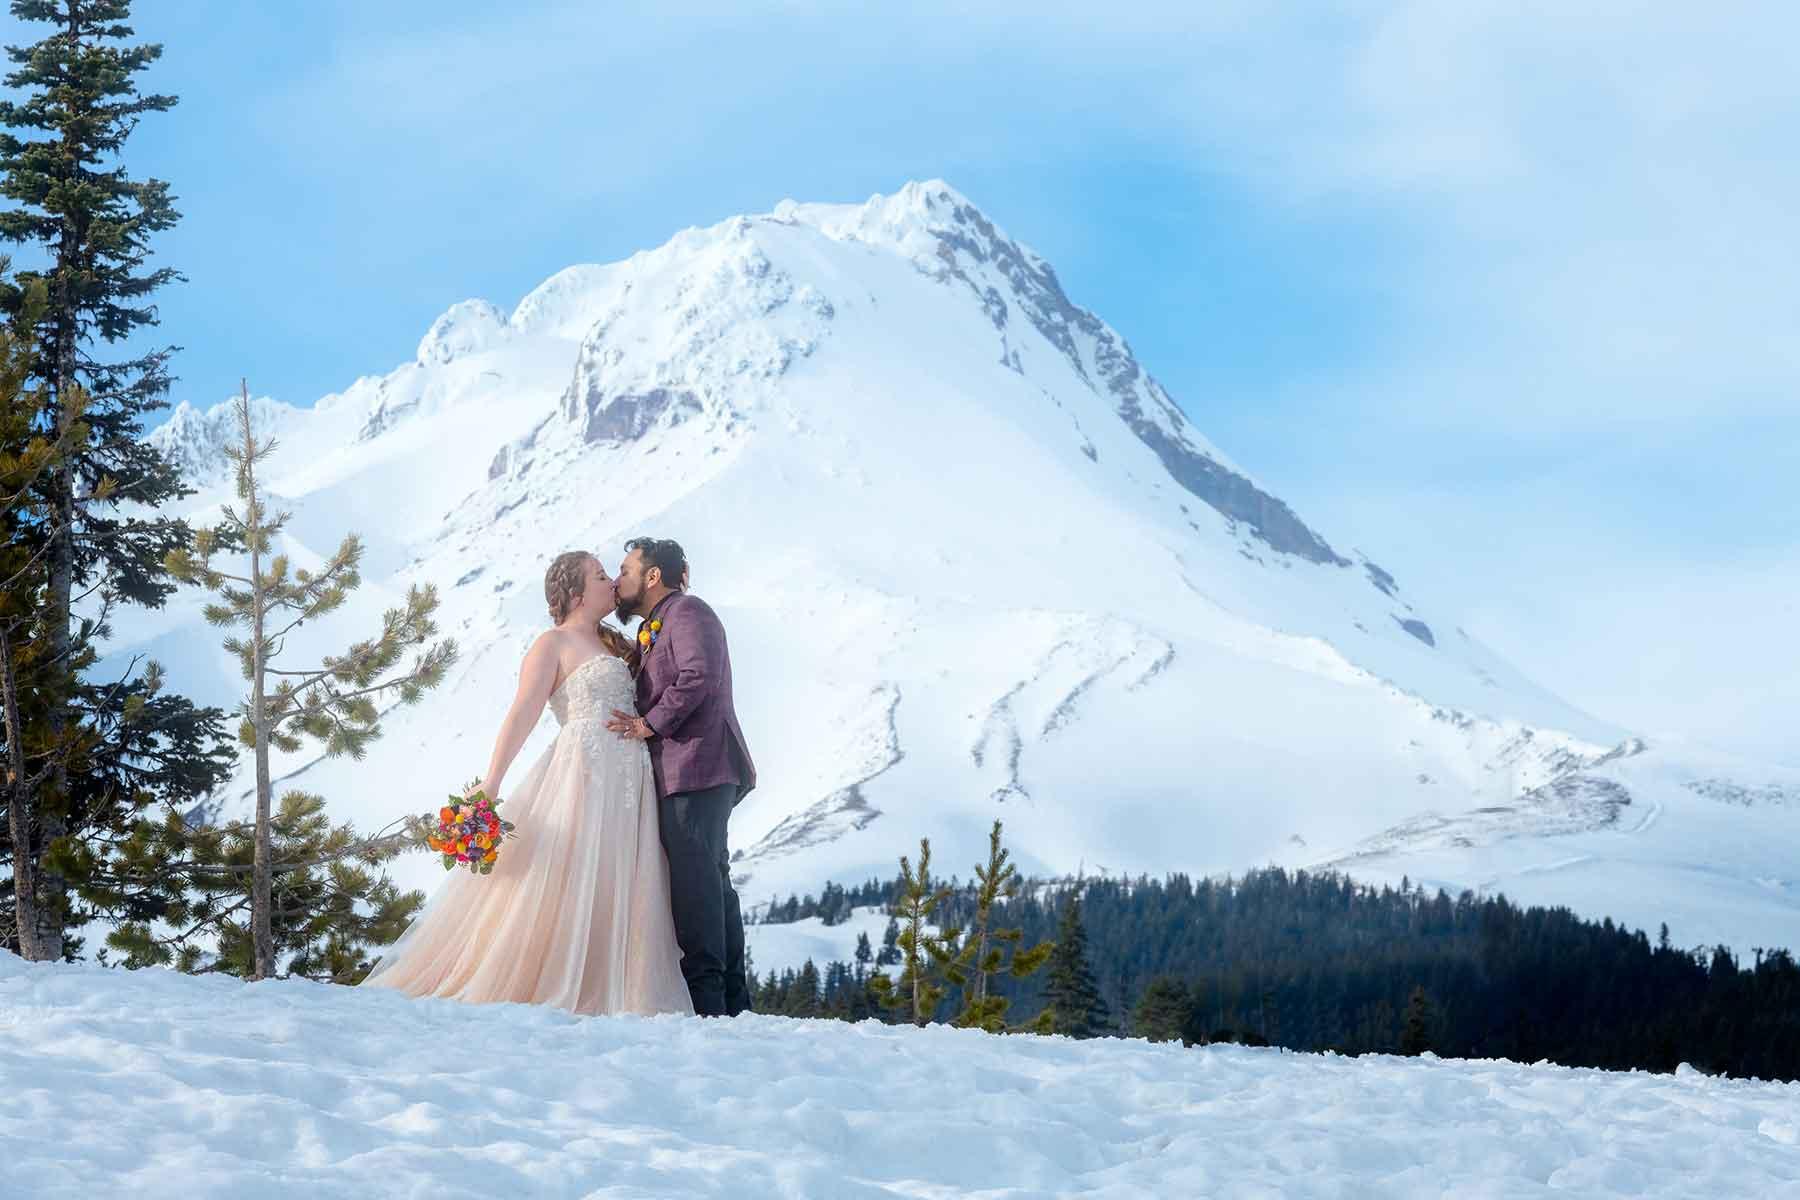 Mount Hood Oregon Wedding Photography